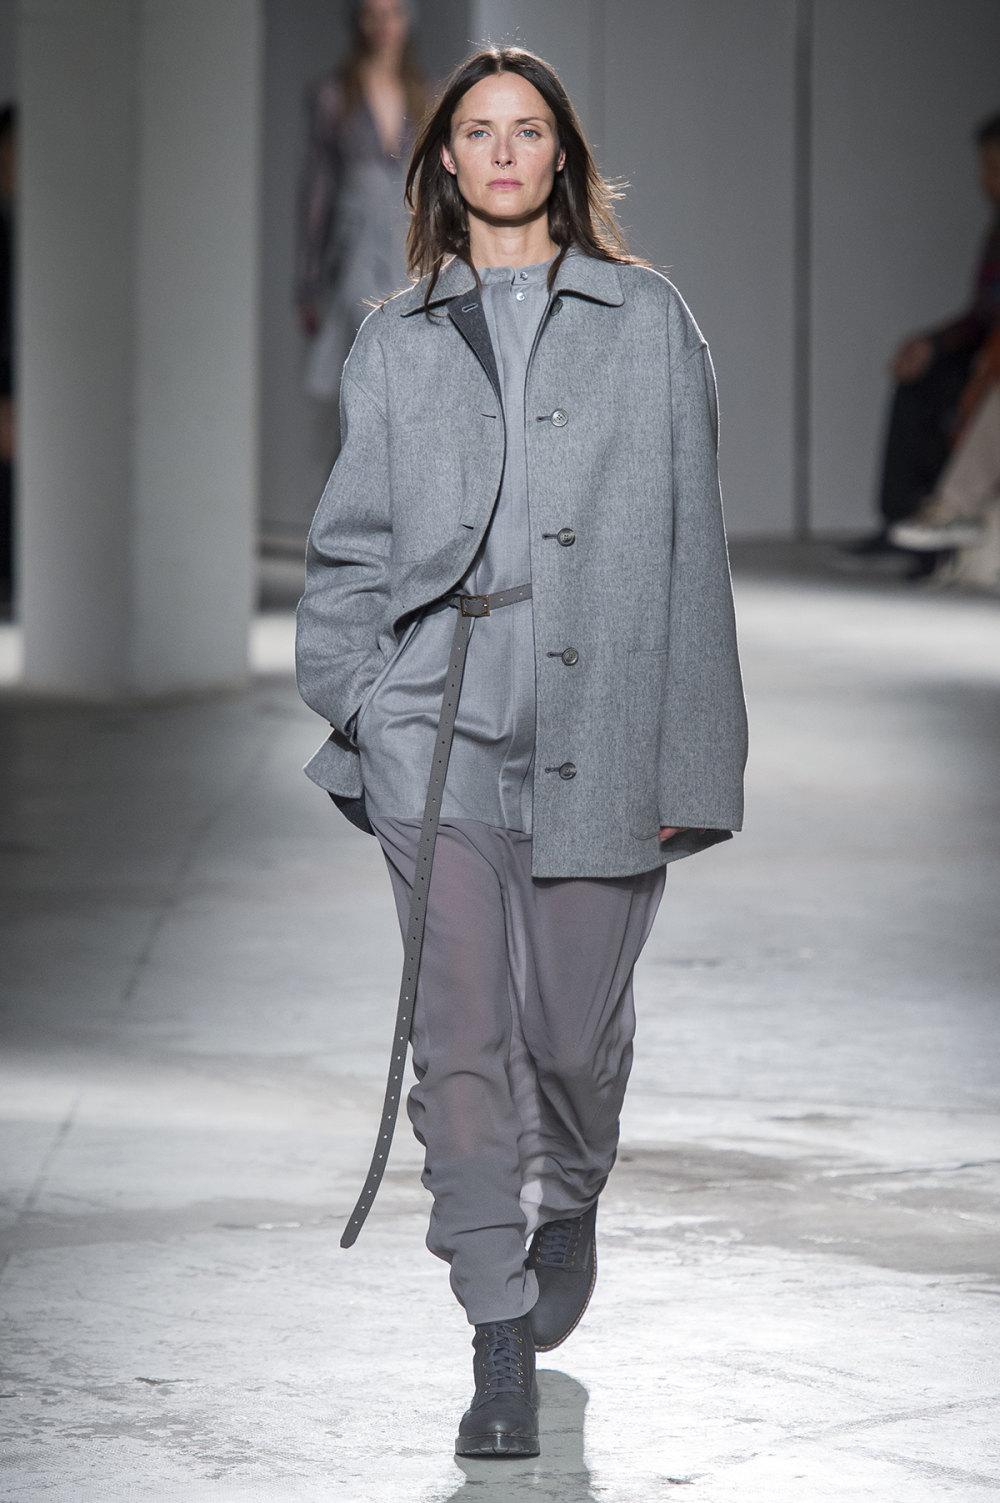 Agnona时装系列有纹理外套长而瘦有些穿着浴袍宽腿裤套装有巧克力-26.jpg